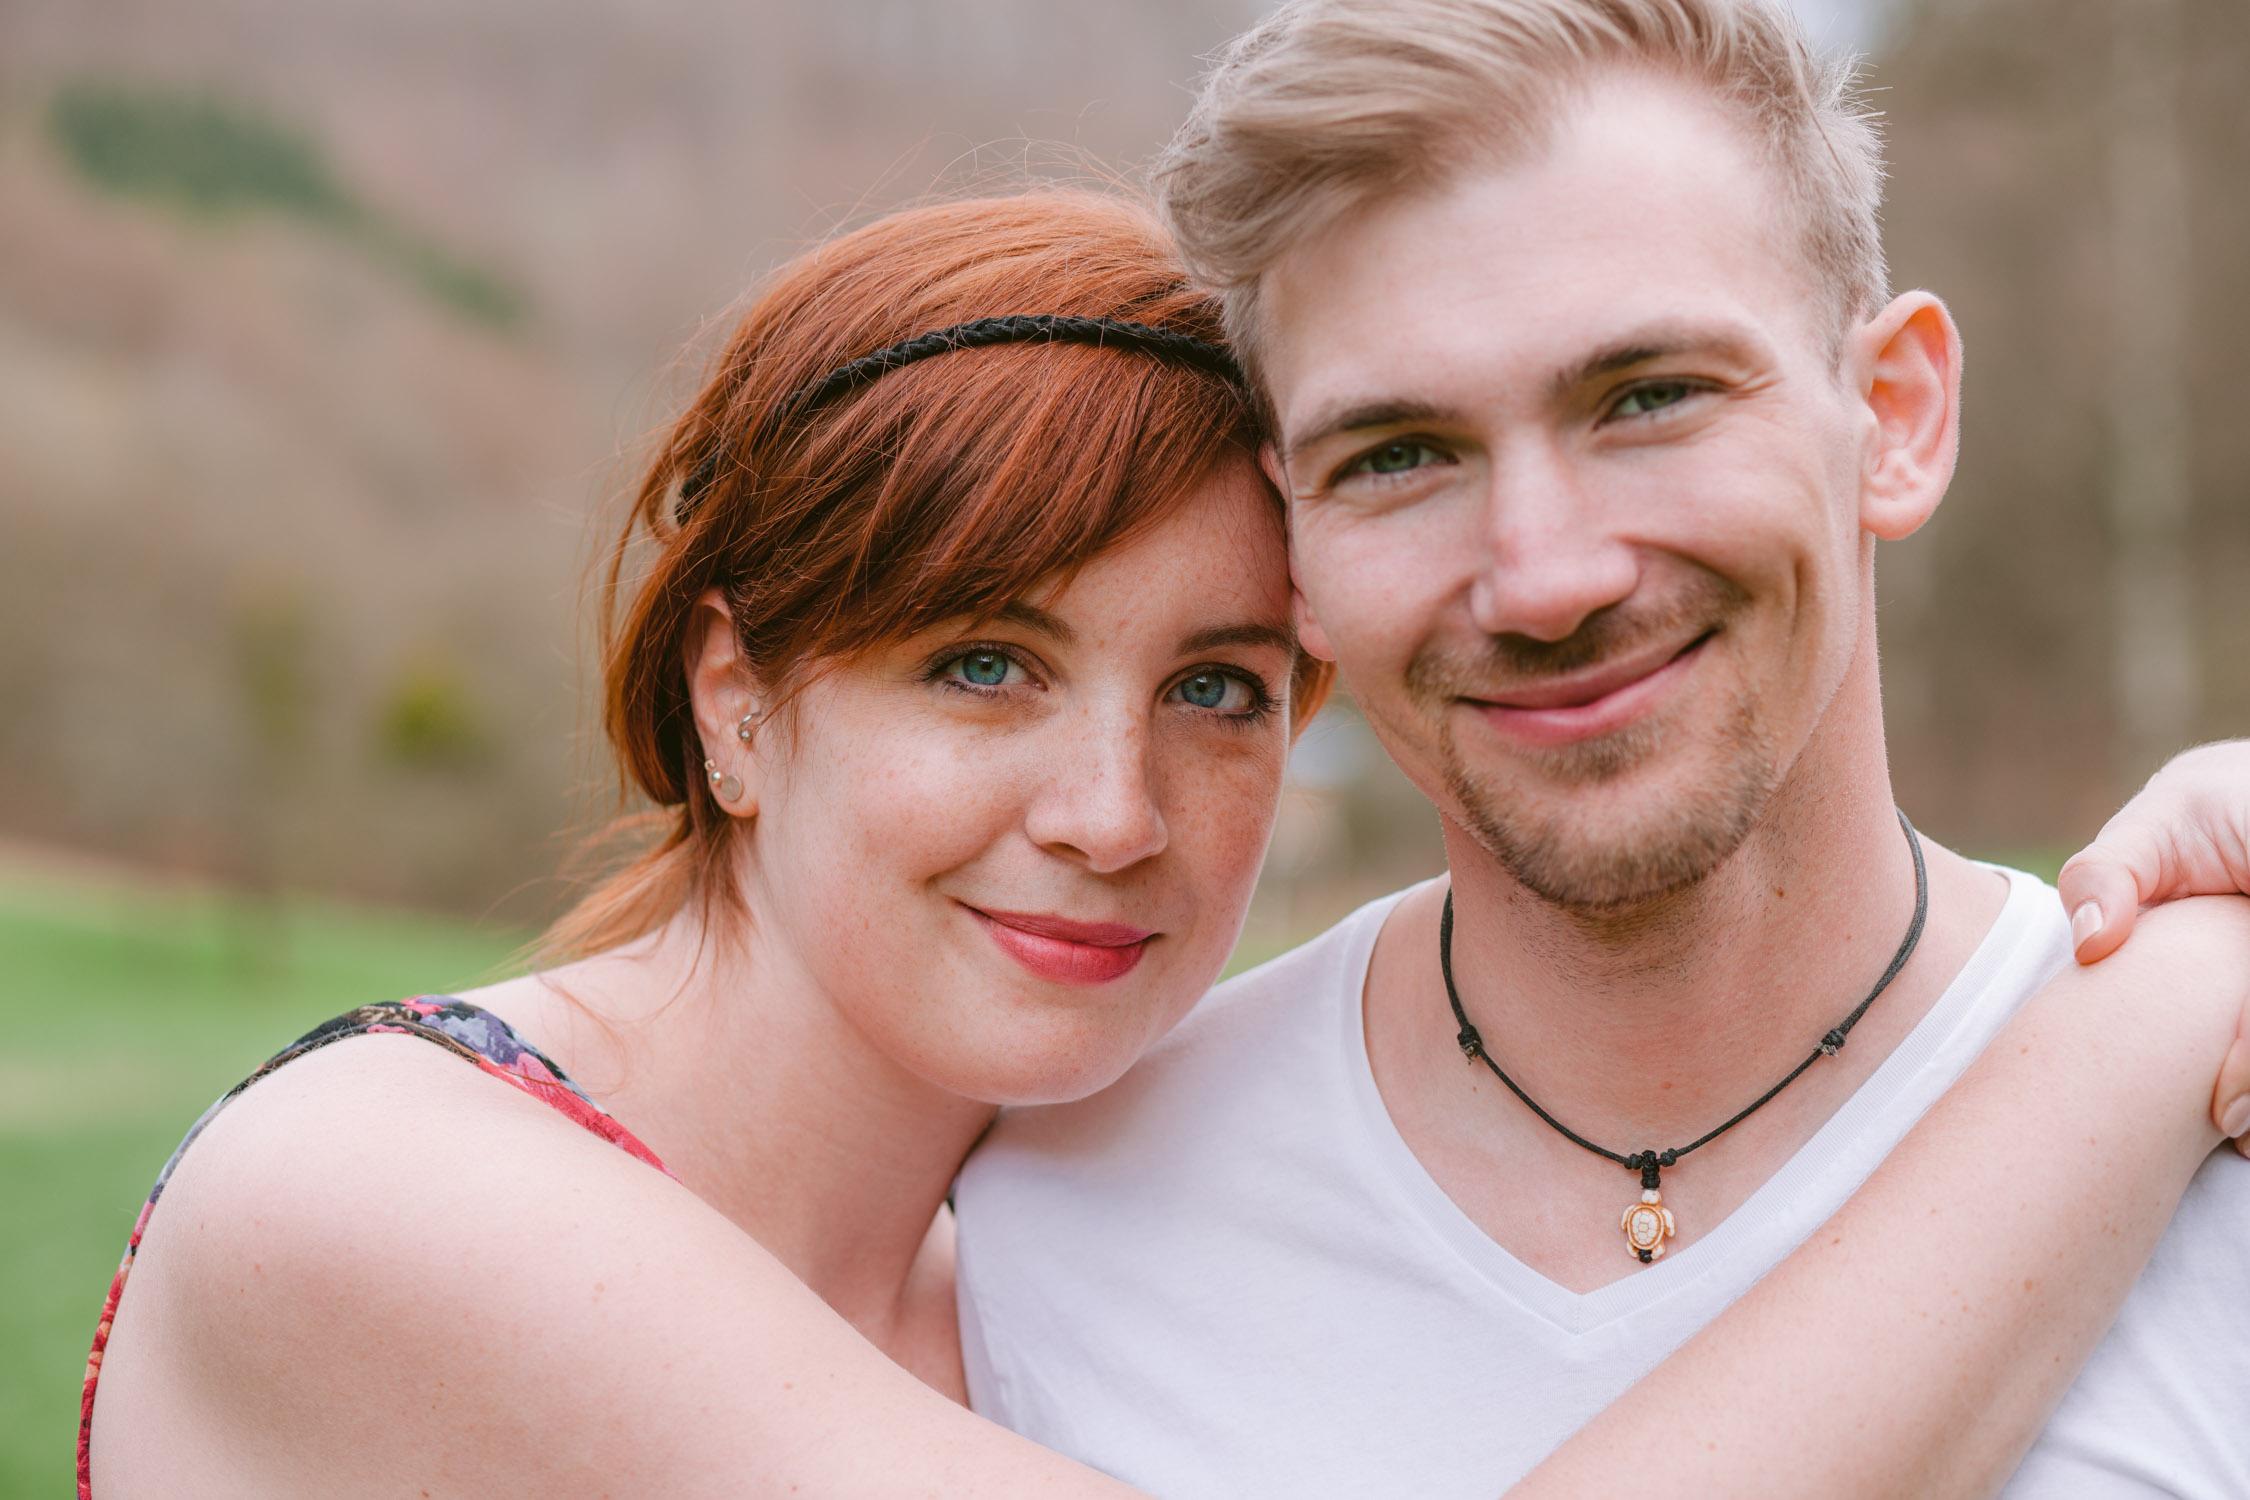 Frau mit blauben Augen  und roten Haaren umarmt ihrem Verlobten Fotograf Trier